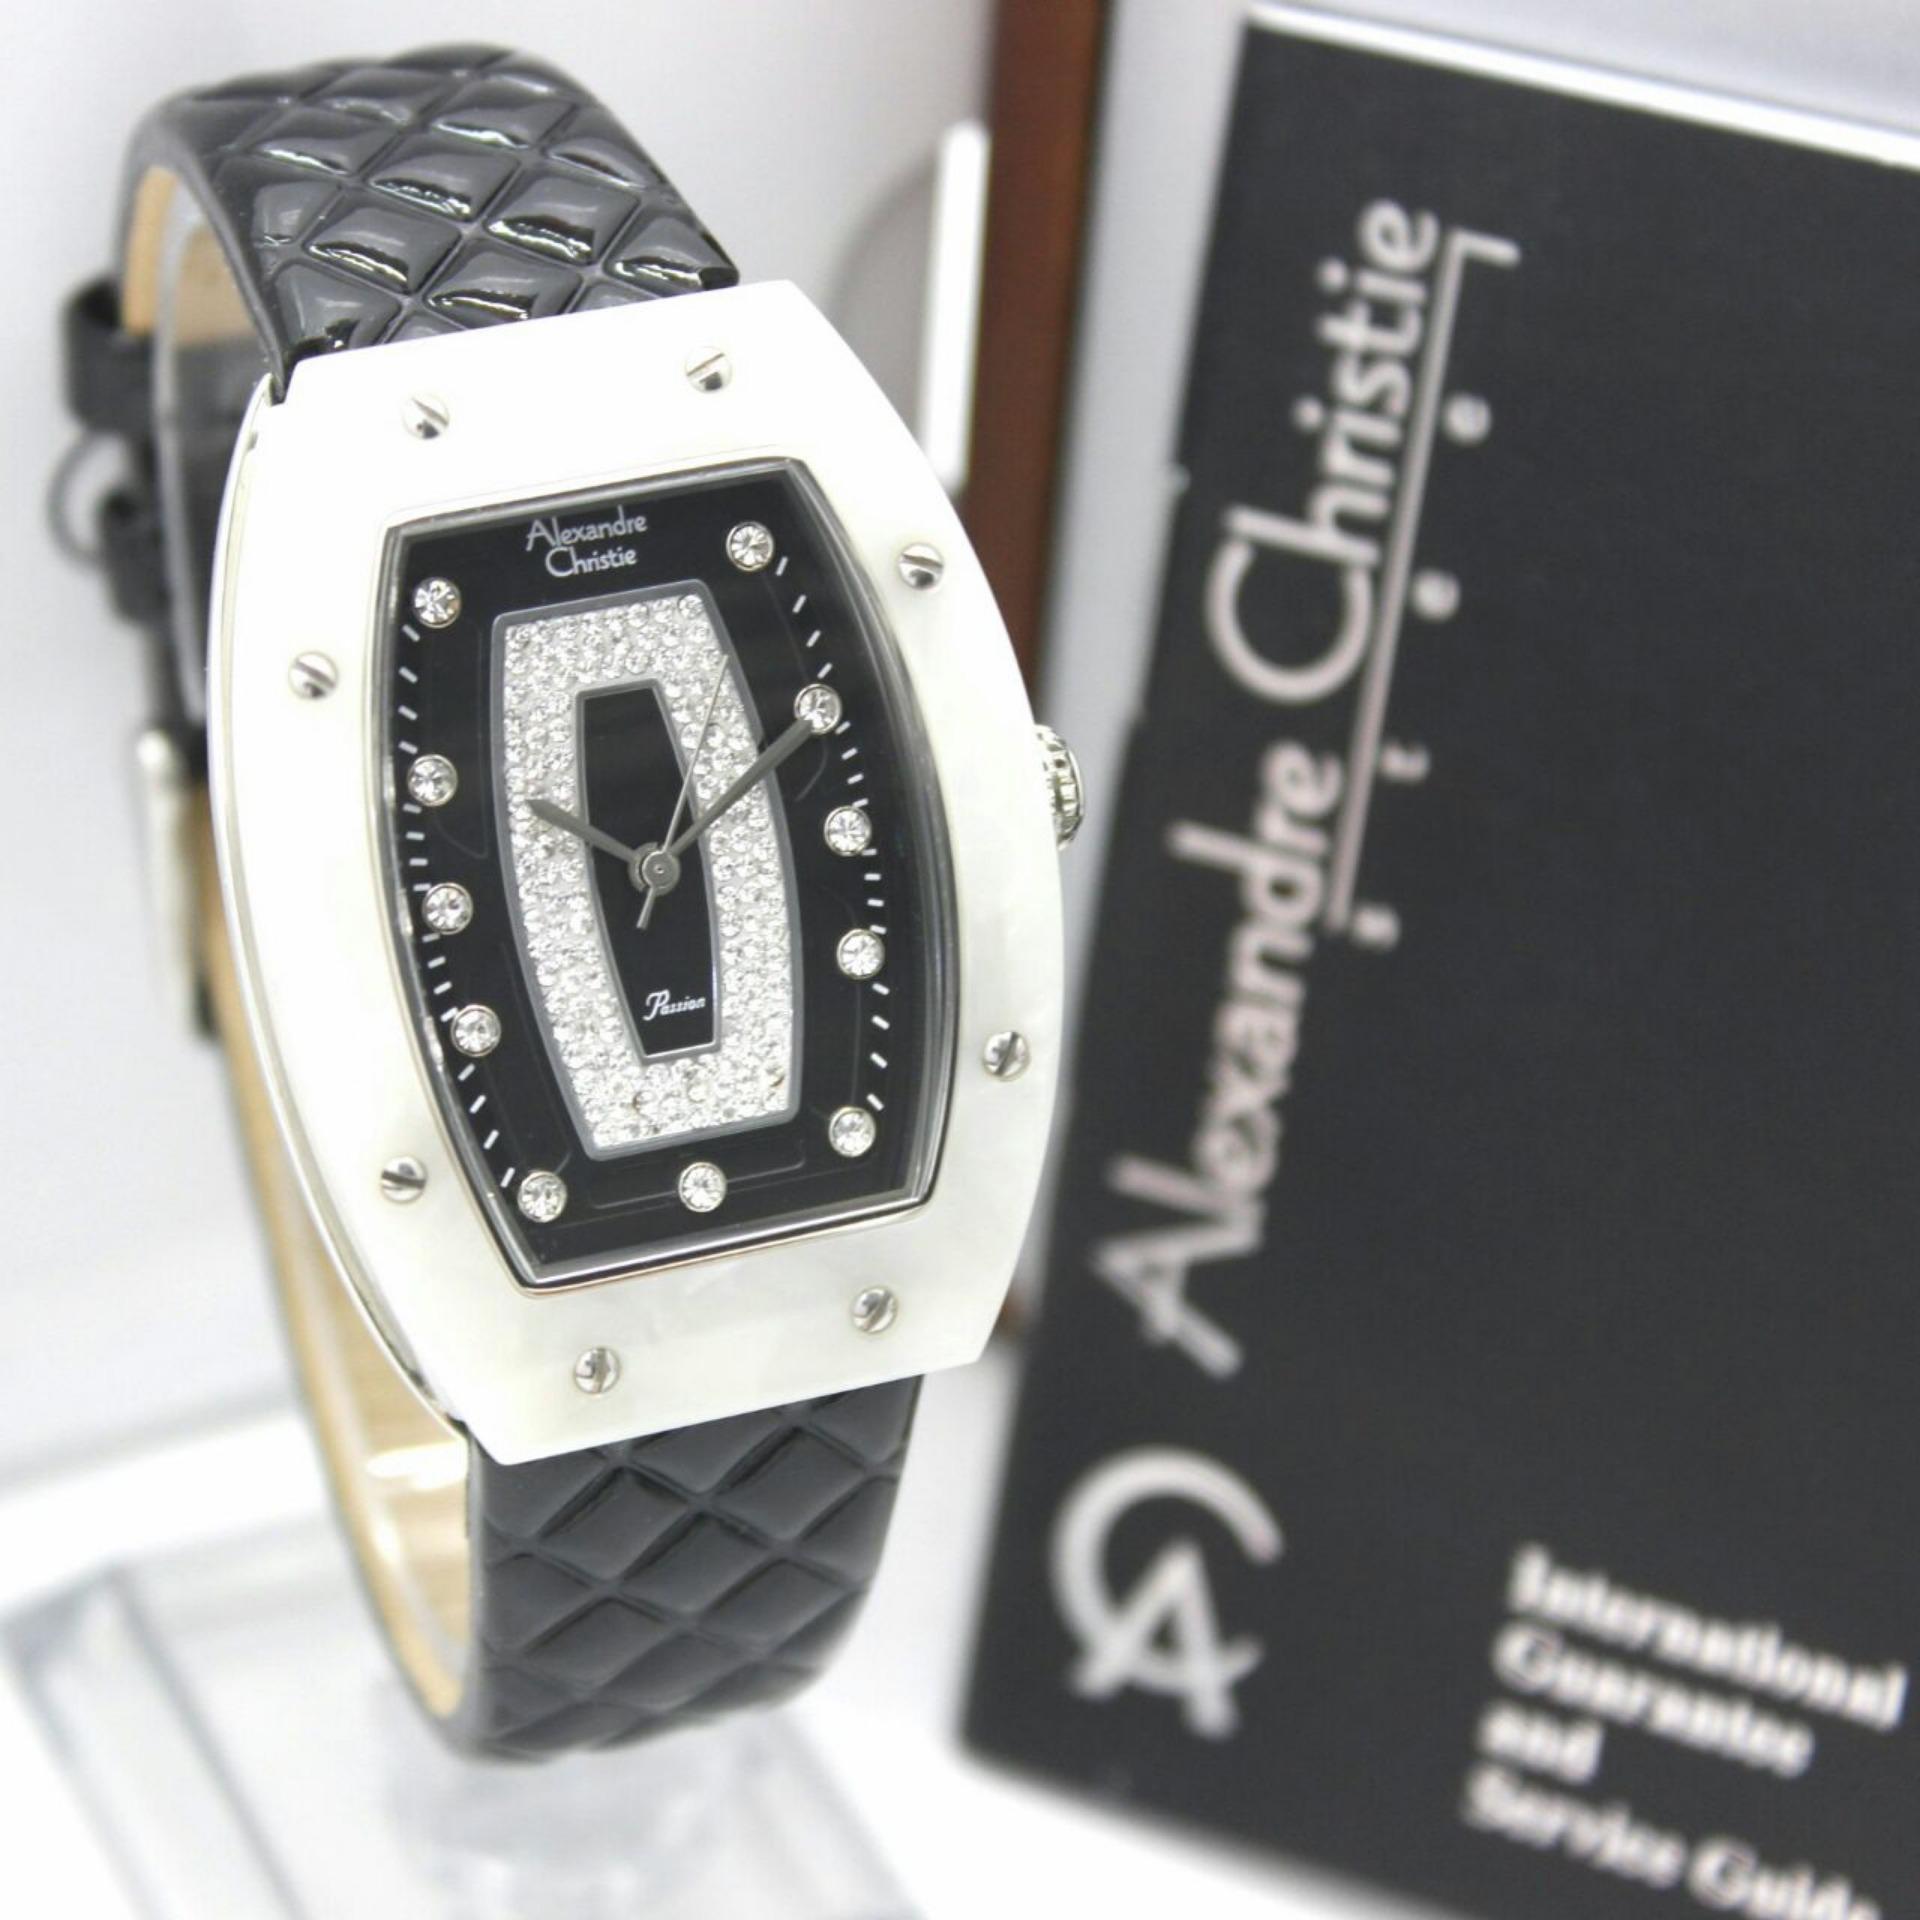 Alexandre Christie AC2638LH - Jam Tangan Casual Wanita Murah - Leather Strap